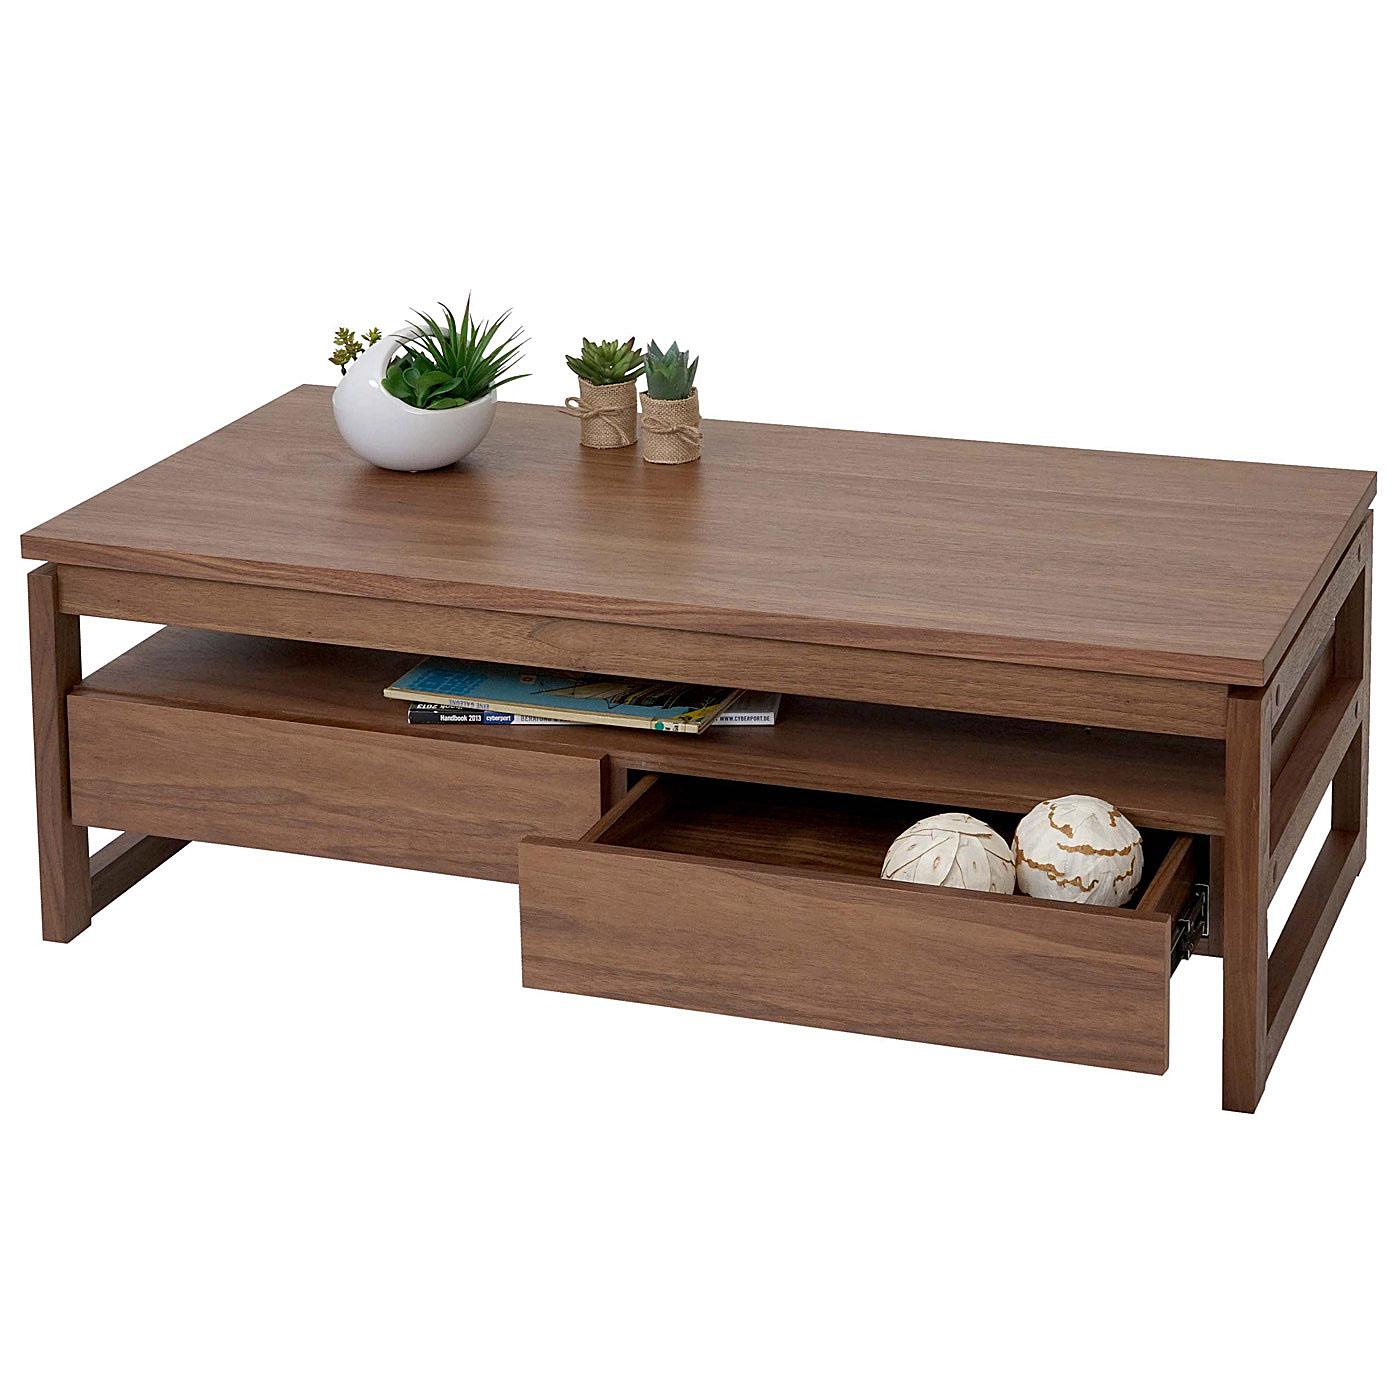 Table basse de salon baar buffet avec tiroirs for Wohnzimmertisch ebay